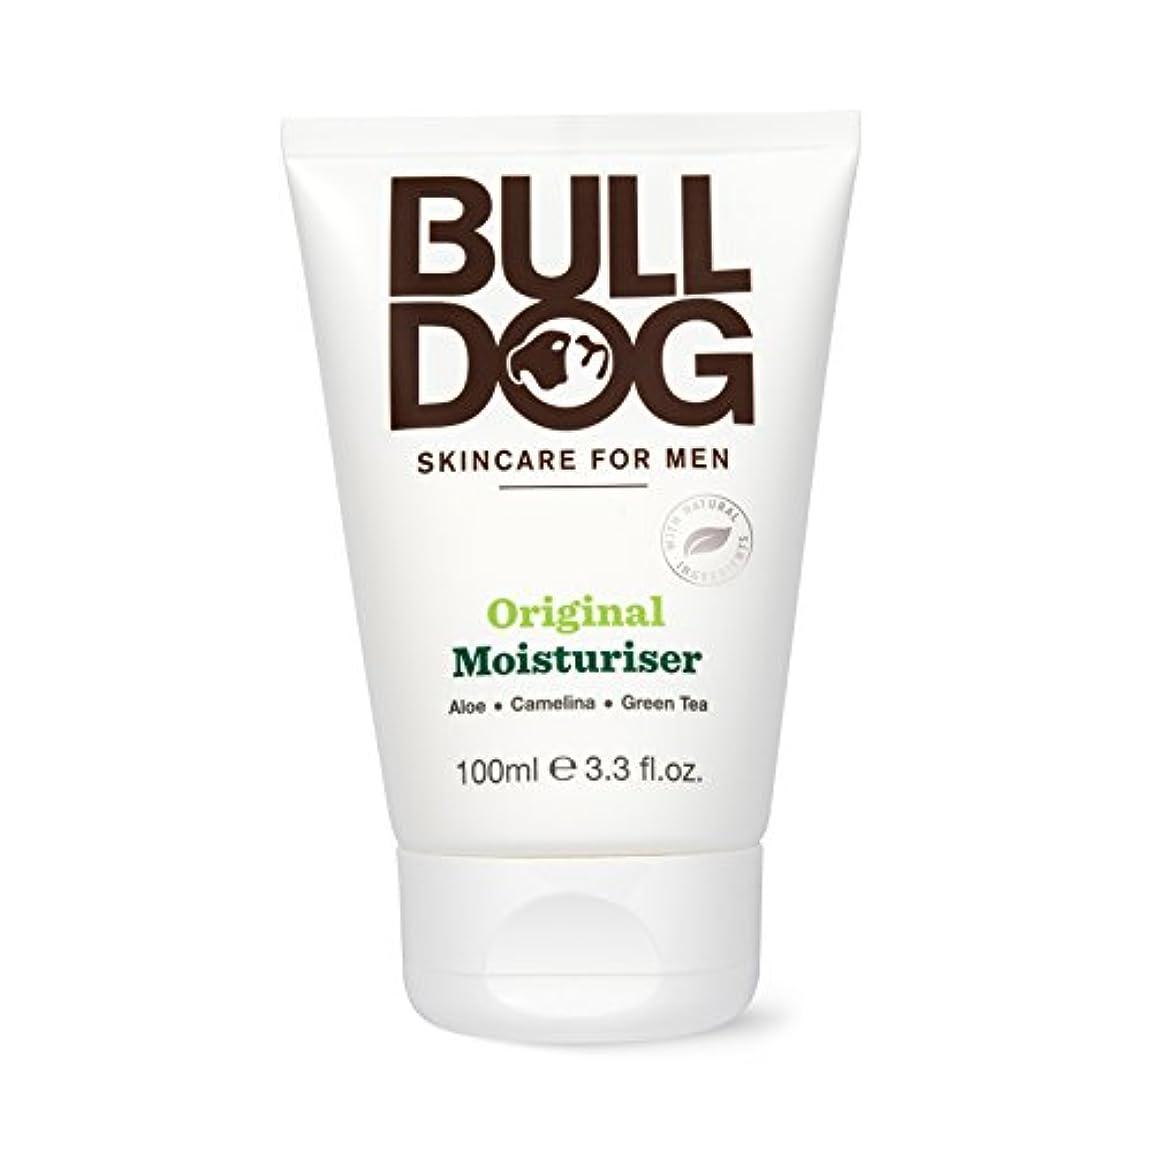 アイスクリーム重要な役割を果たす、中心的な手段となるオーチャードブルドッグ Bulldog オリジナル モイスチャライザー(保湿クリーム) 100mL